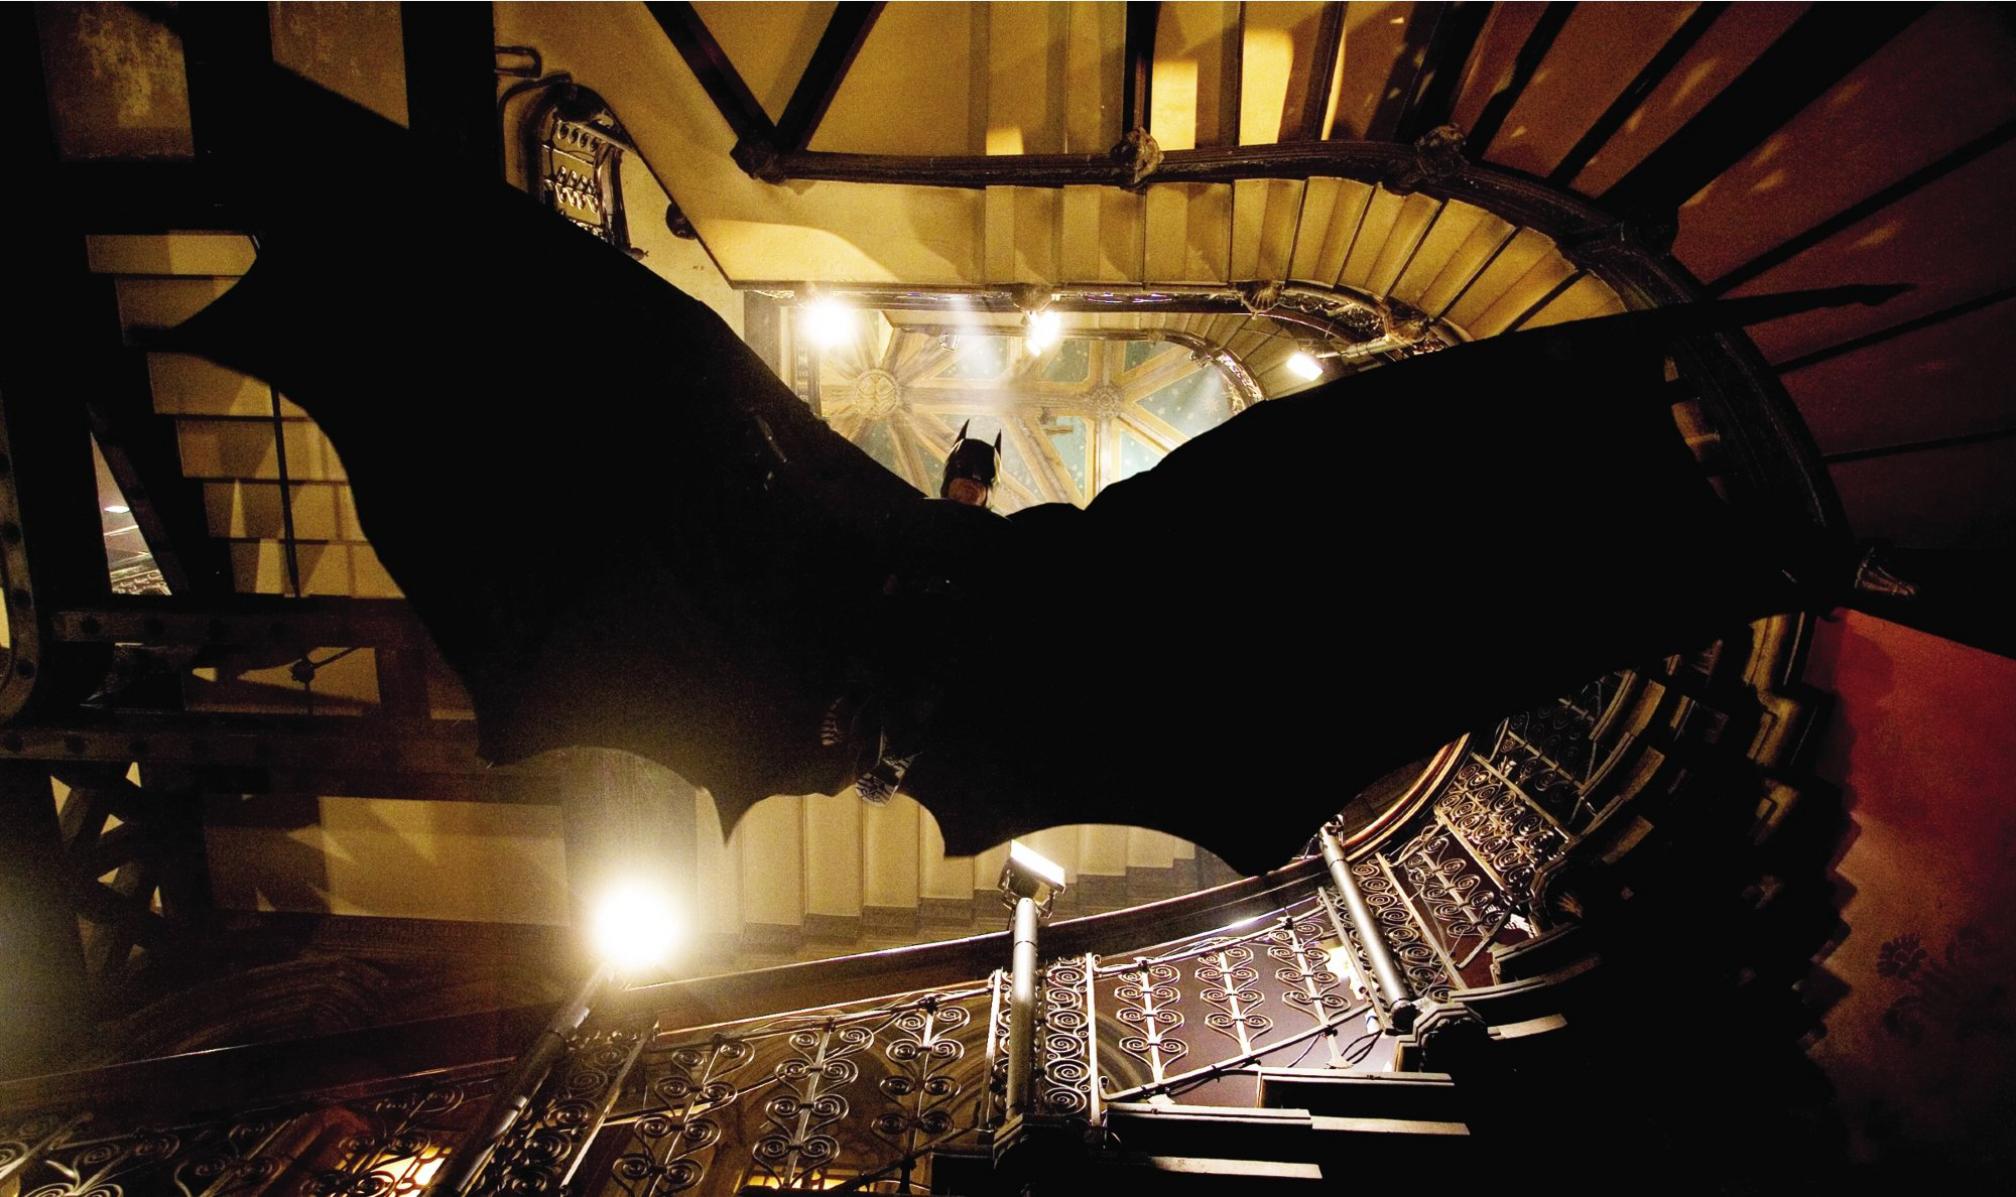 蝙蝠俠:開戰時刻劇照 3